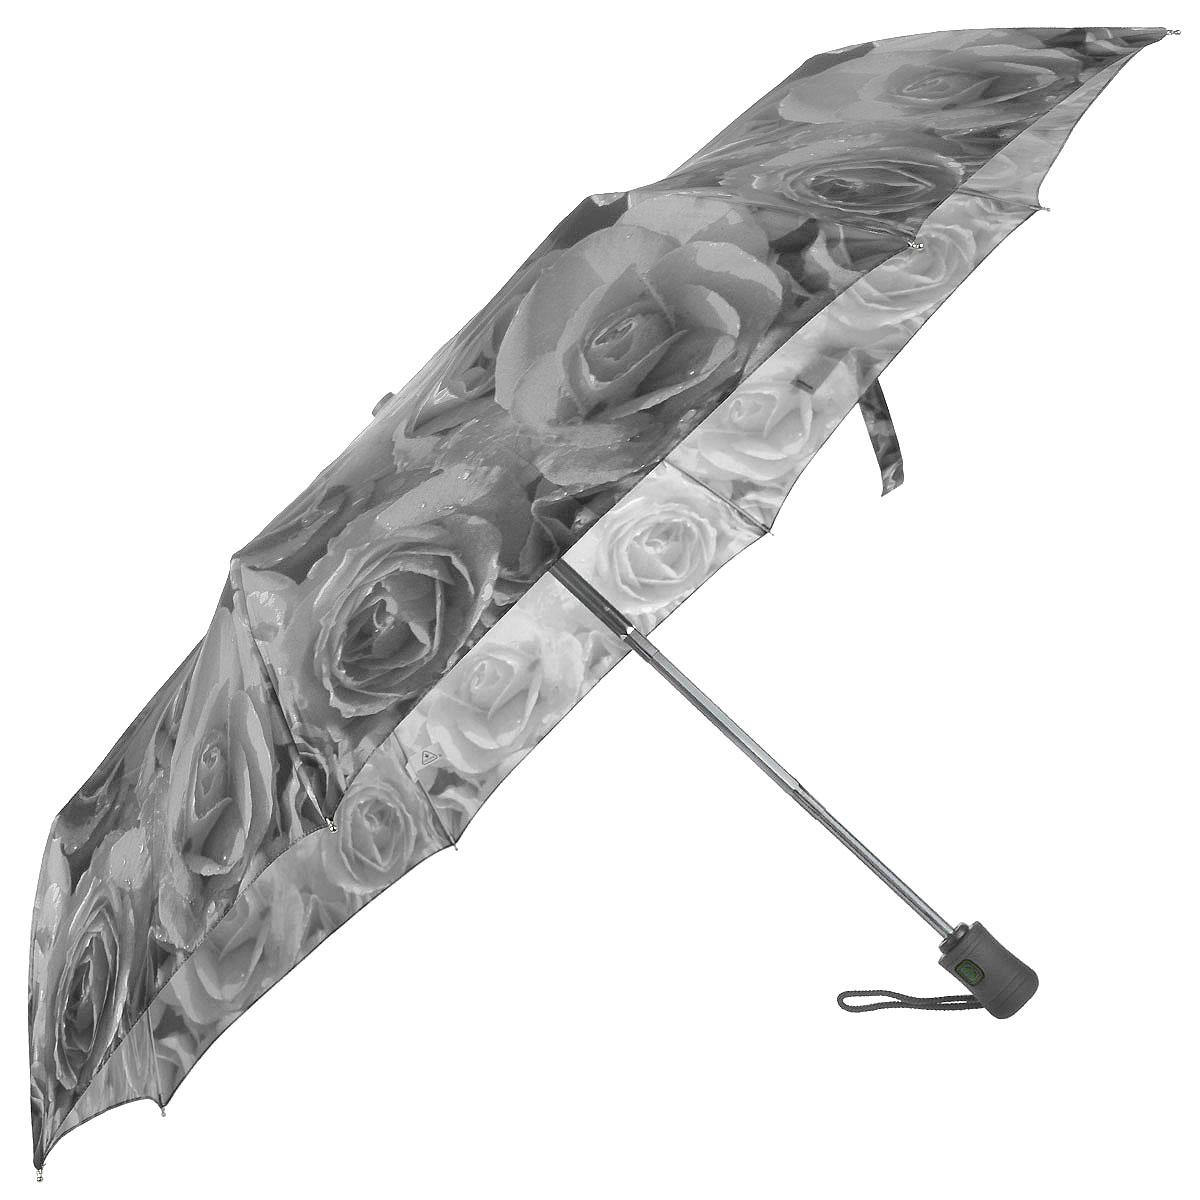 """Зонт женский Fulton White Roses, автомат, 3 сложения, цвет: серыйR346 3S2303Стильный зонт Fulton """"White Roses"""" даже в ненастную погоду позволит вам оставаться женственной и элегантной. """"Ветростойкий"""" каркас зонта в 3 сложения состоит из восьми алюминиевых спиц с элементами из фибергласса, стержень выполнен из стали. Зонт оснащен удобной рукояткой из прорезиненного пластика. Купол зонта выполнен из прочного полиэстера и оформлен фотопринтом с изображением белых роз. На рукоятке для удобства есть небольшой шнурок, позволяющий надеть зонт на руку тогда, когда это будет необходимо. К зонту прилагается чехол. Зонт автоматического сложения: купол открывается и закрывается нажатием на кнопку, стержень складывается вручную до характерного щелчка."""